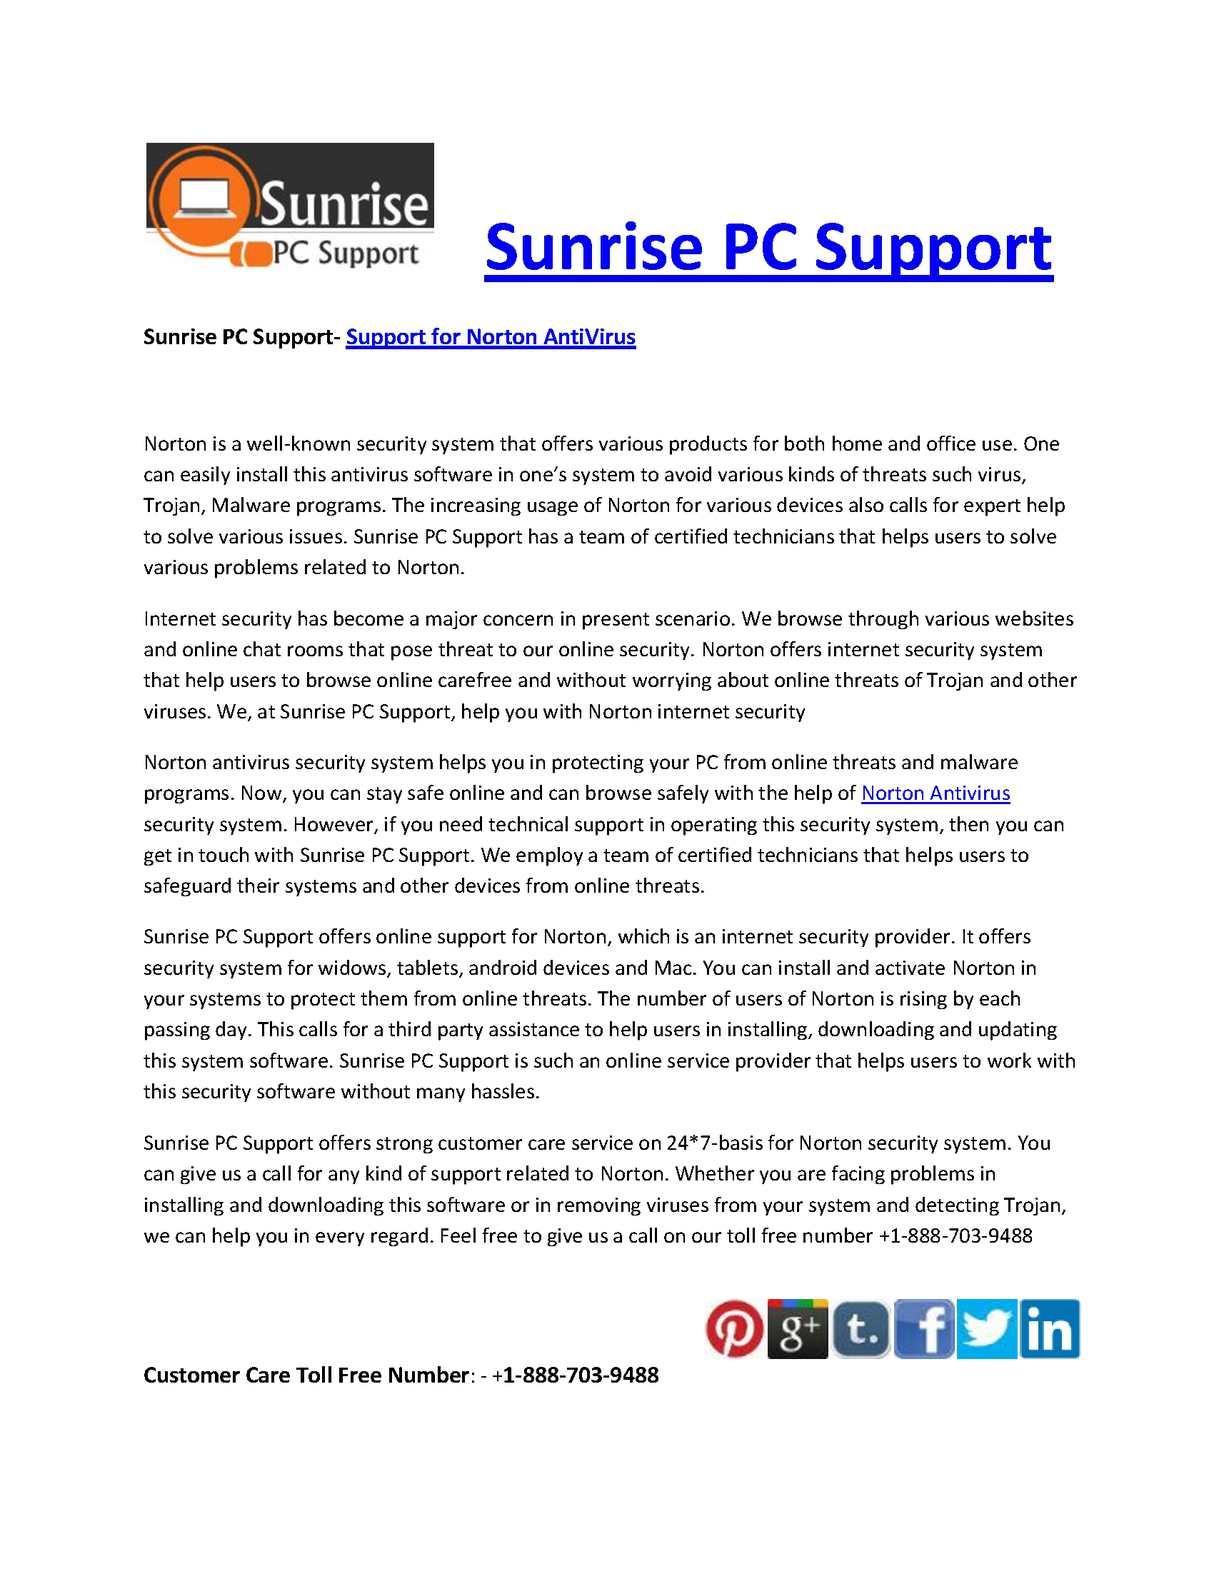 Calaméo - Sunrise PC Support- Support for Norton AntiVirus